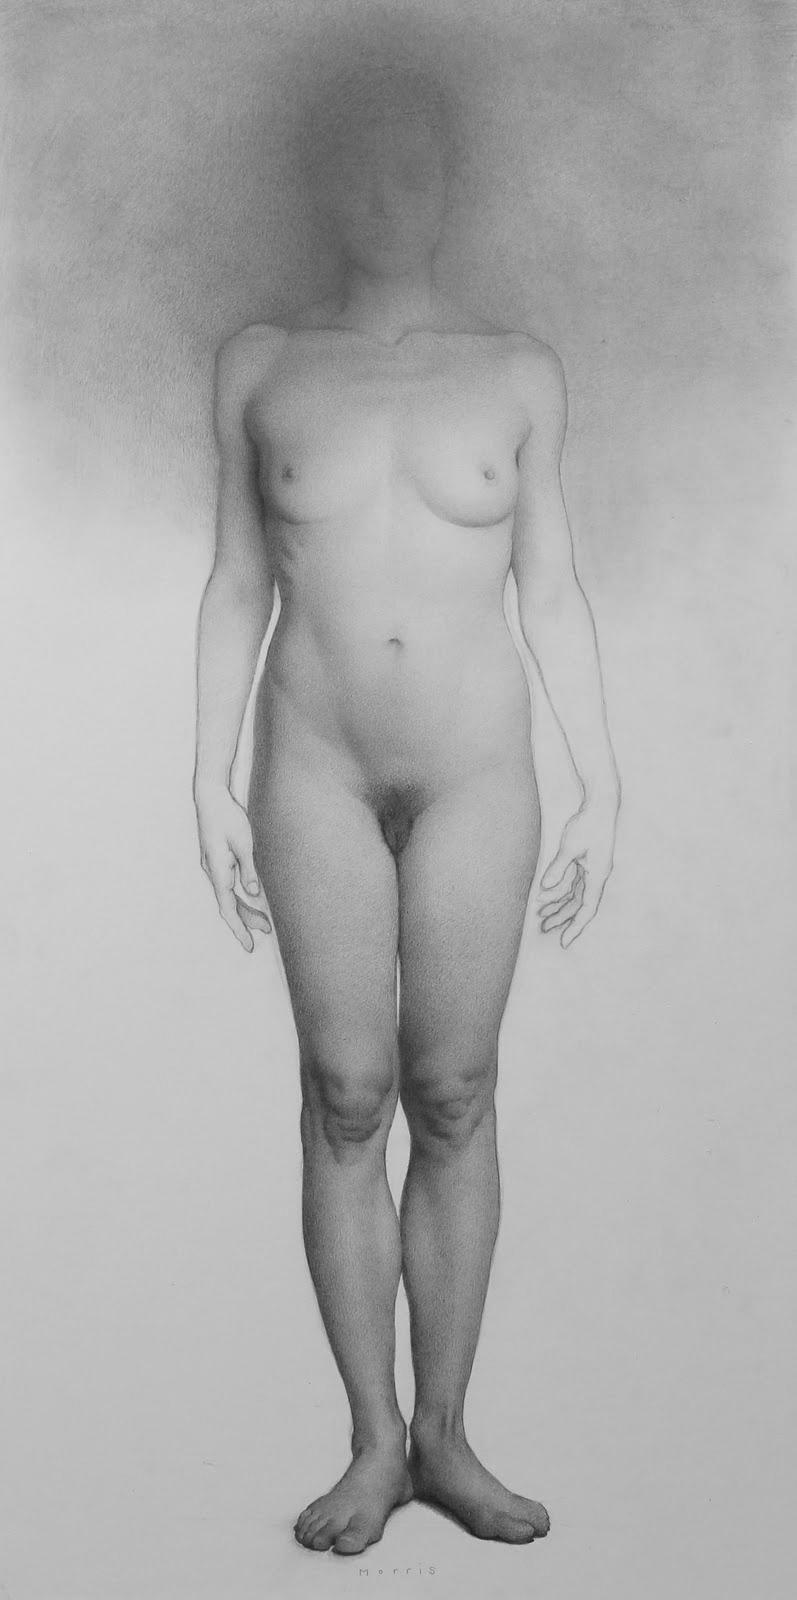 Figure Study, 2011